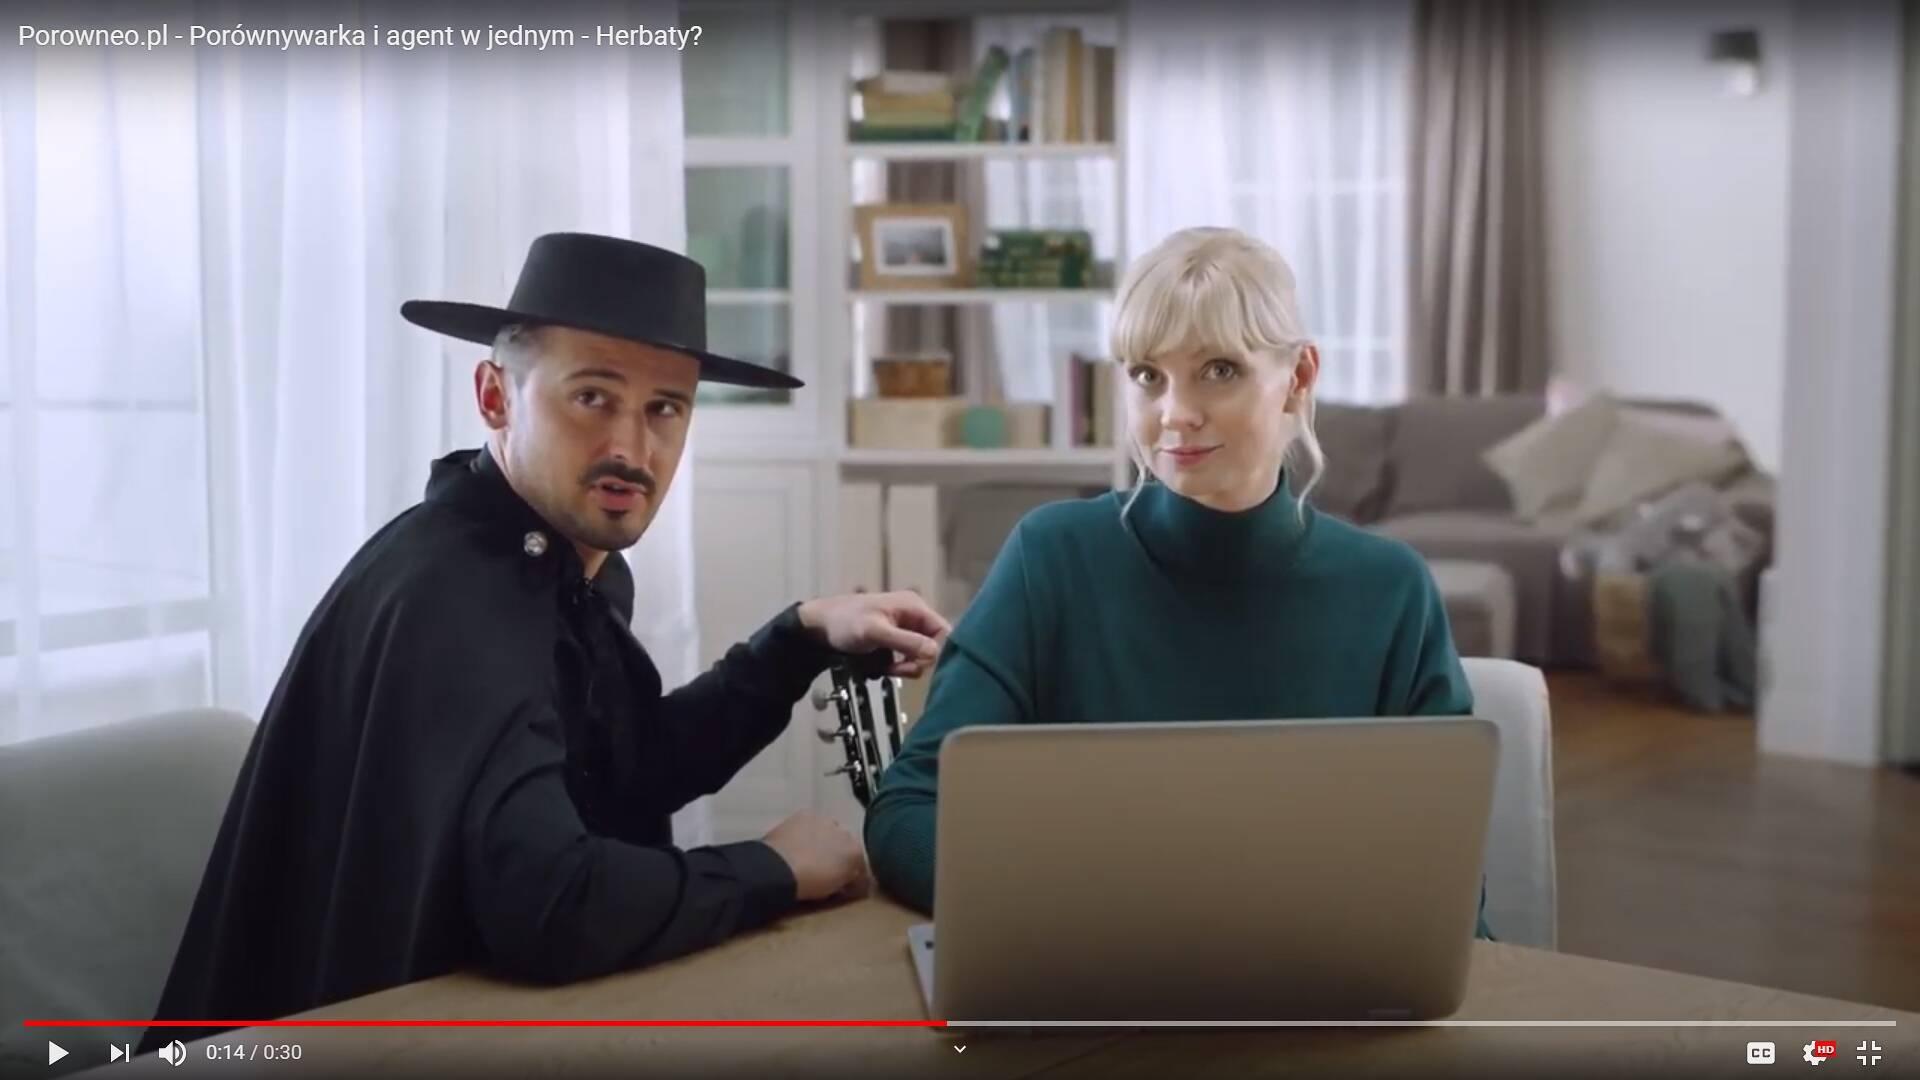 Porówneo: Reklamy Porówneo.pl – porównywarka i agent w jednym. I gitarrrra gra!